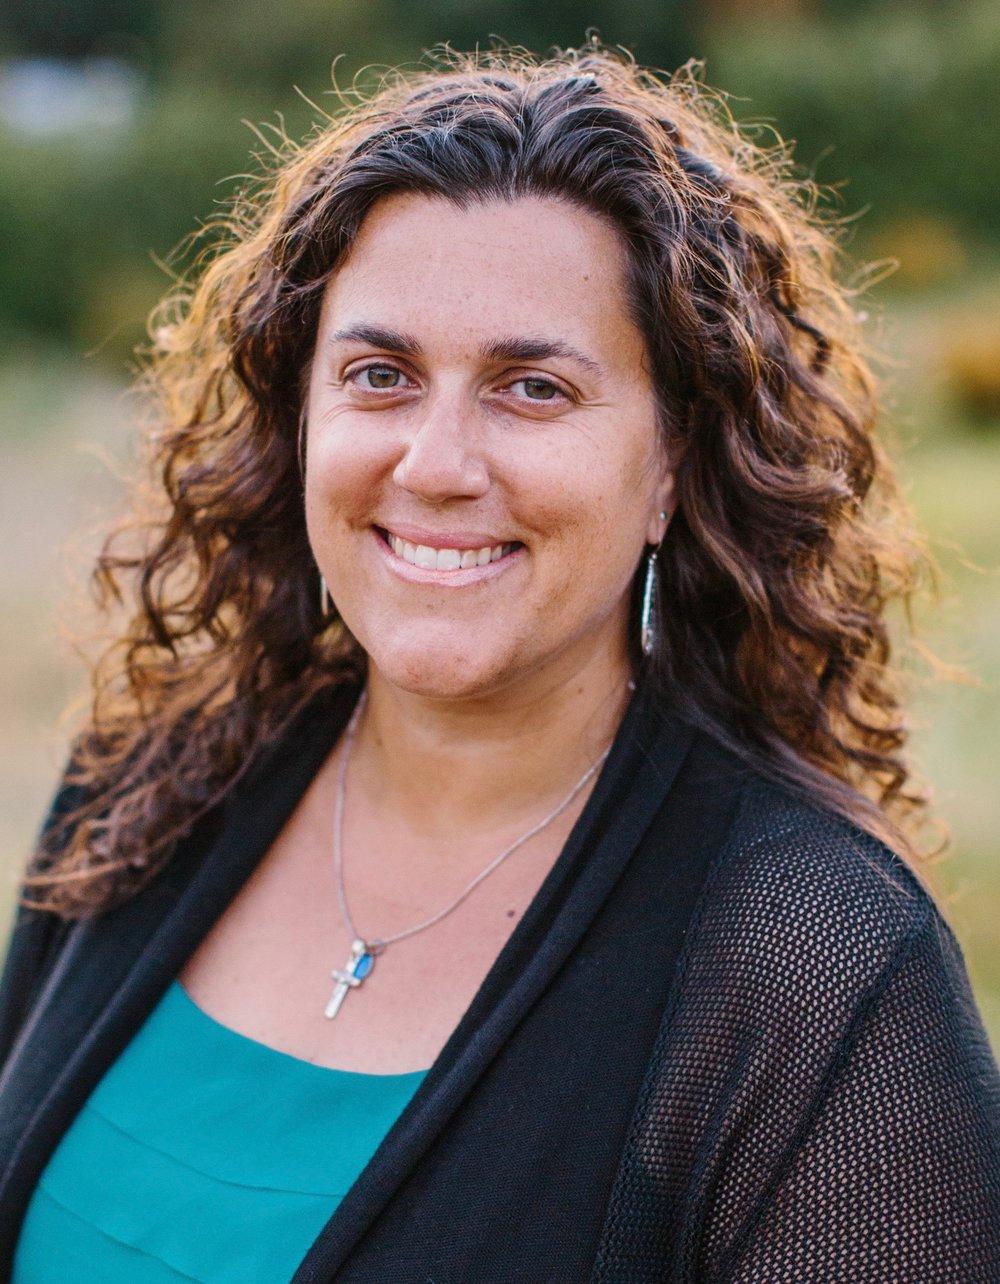 Heather Khym